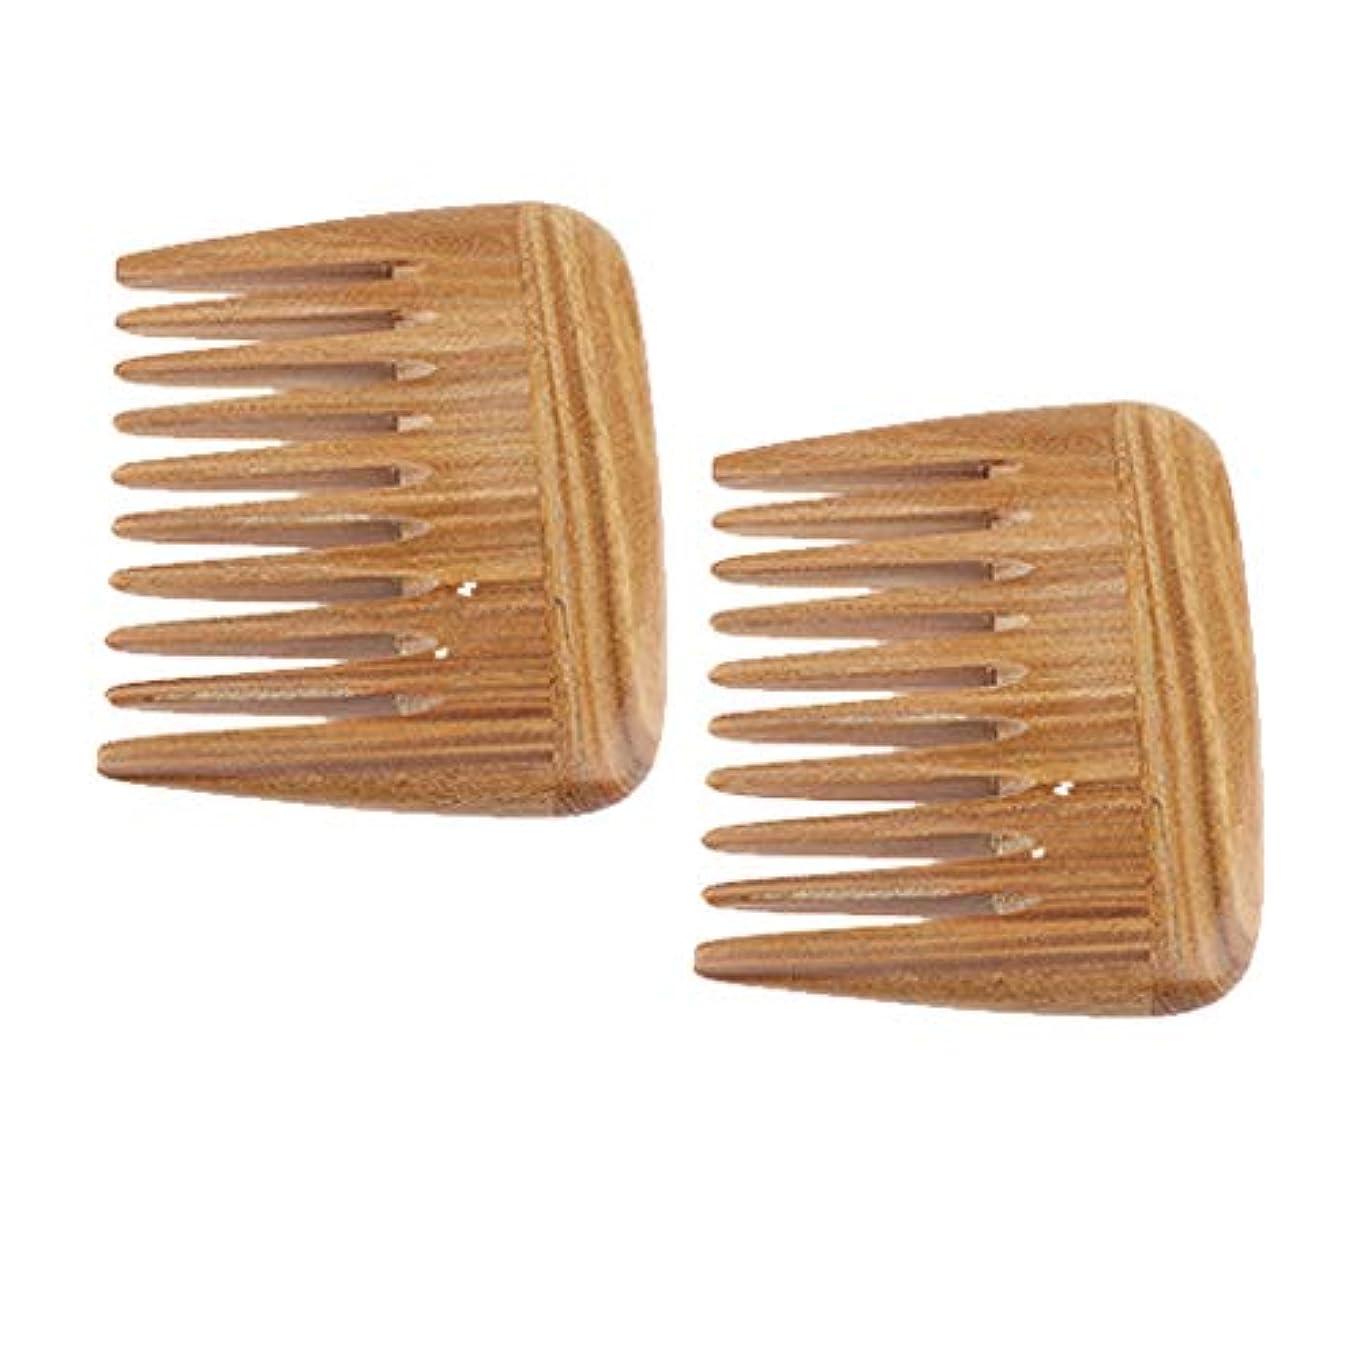 辛なソビエト気分レトロポケットブラシ 静電気 防止天然マッサージ広い歯 髪の櫛 2個入り